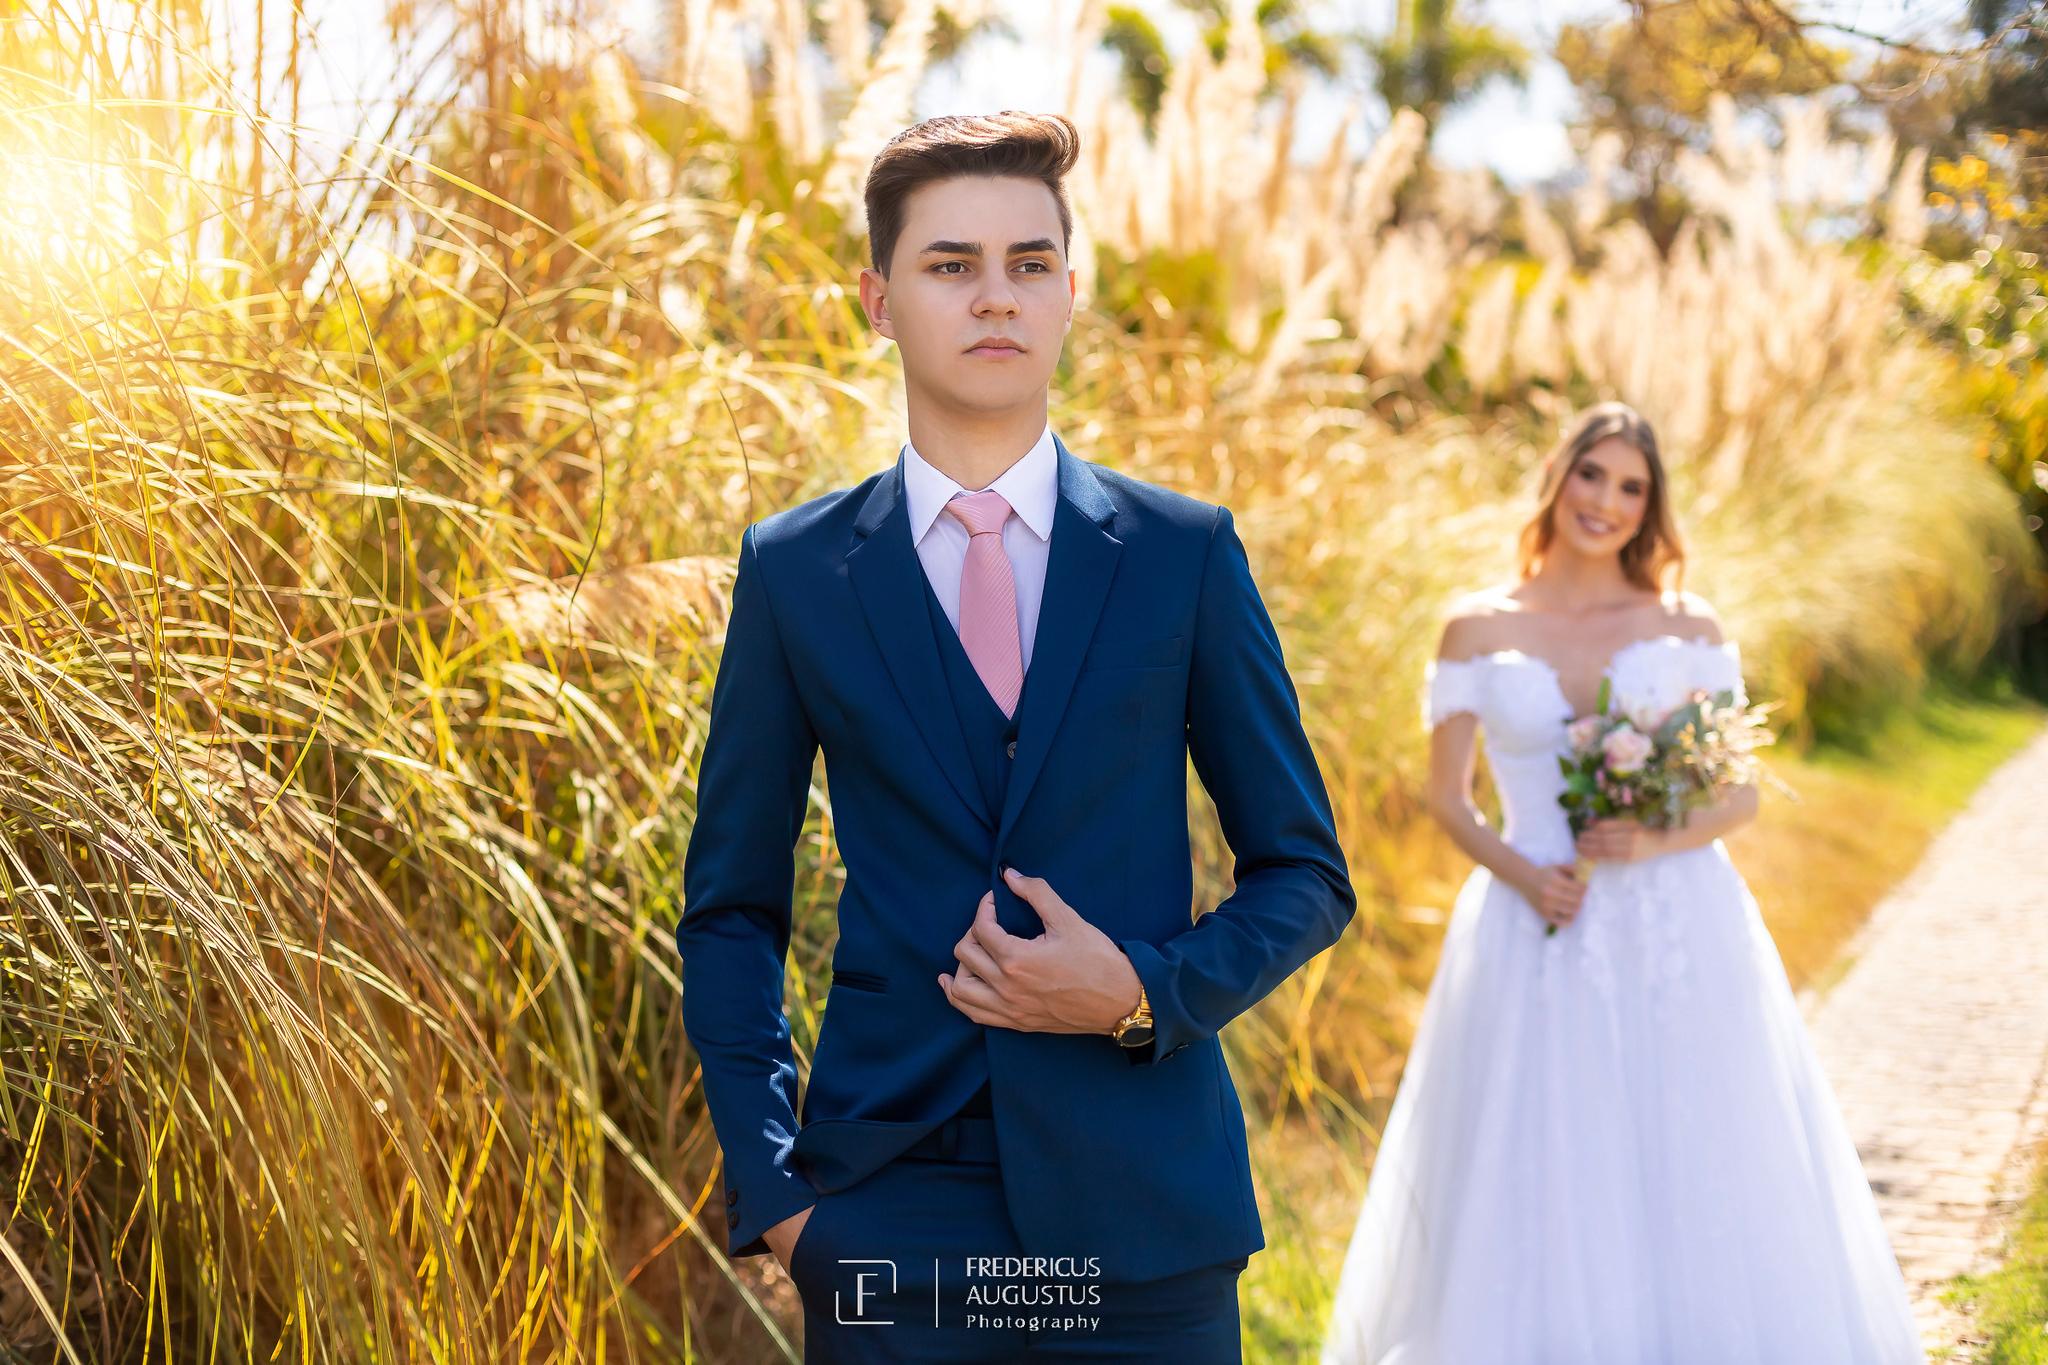 foto do terno e gravata do noivo não pode deixar de ter no ensaio de pós casamento